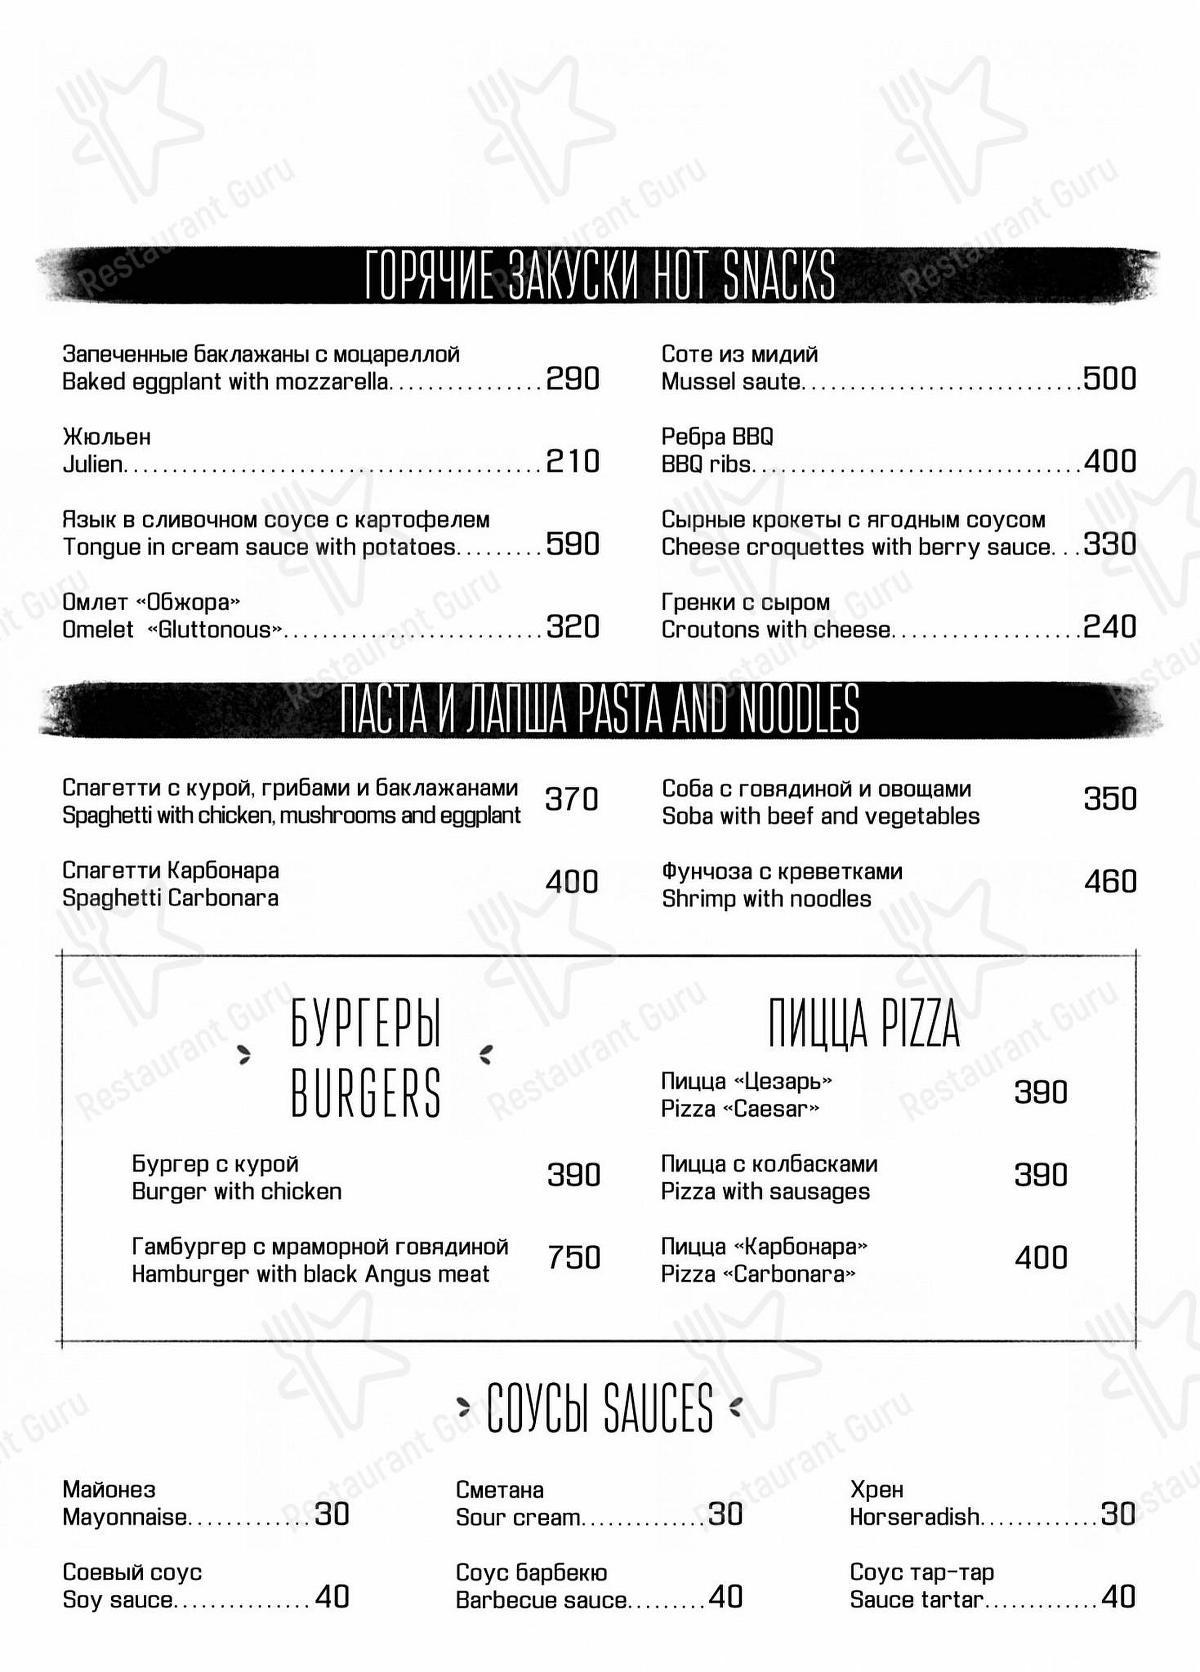 Заводные Яйца menu - meals and drinks